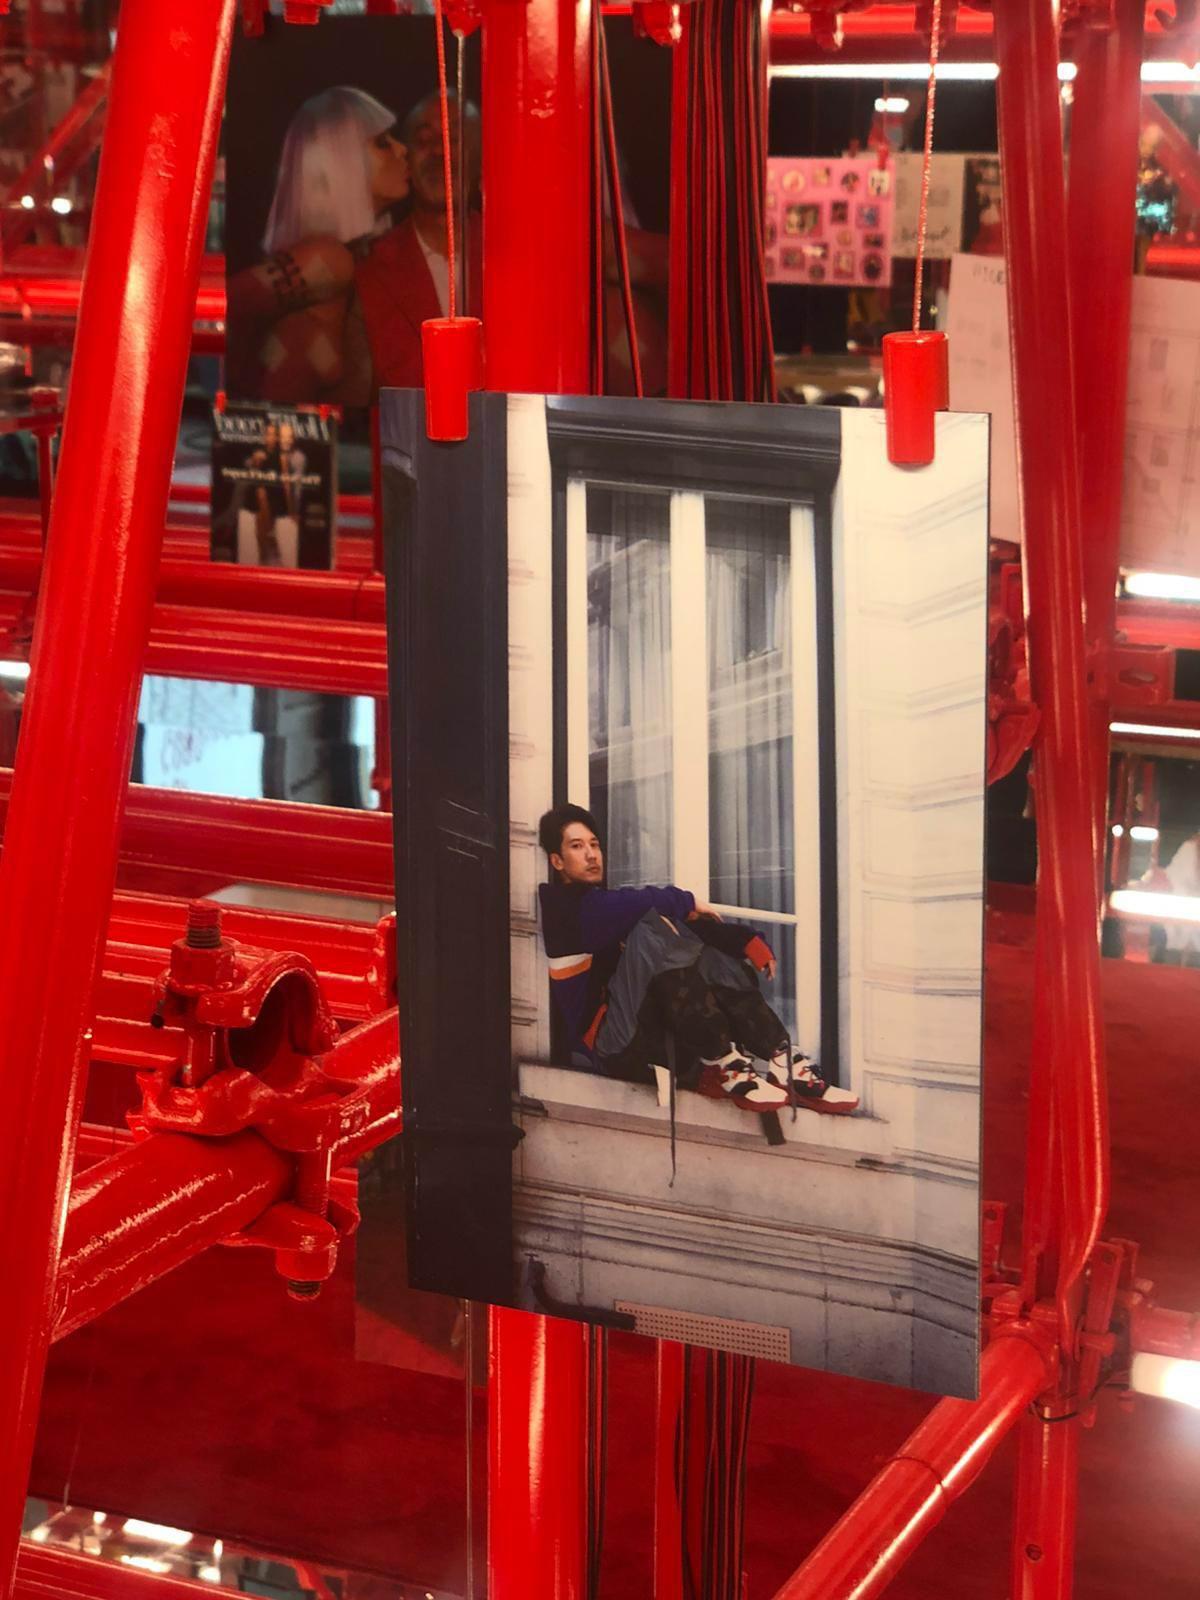 今次展覽張相係Kenny上次喺巴黎時裝周時,喺街頭影嘅相。